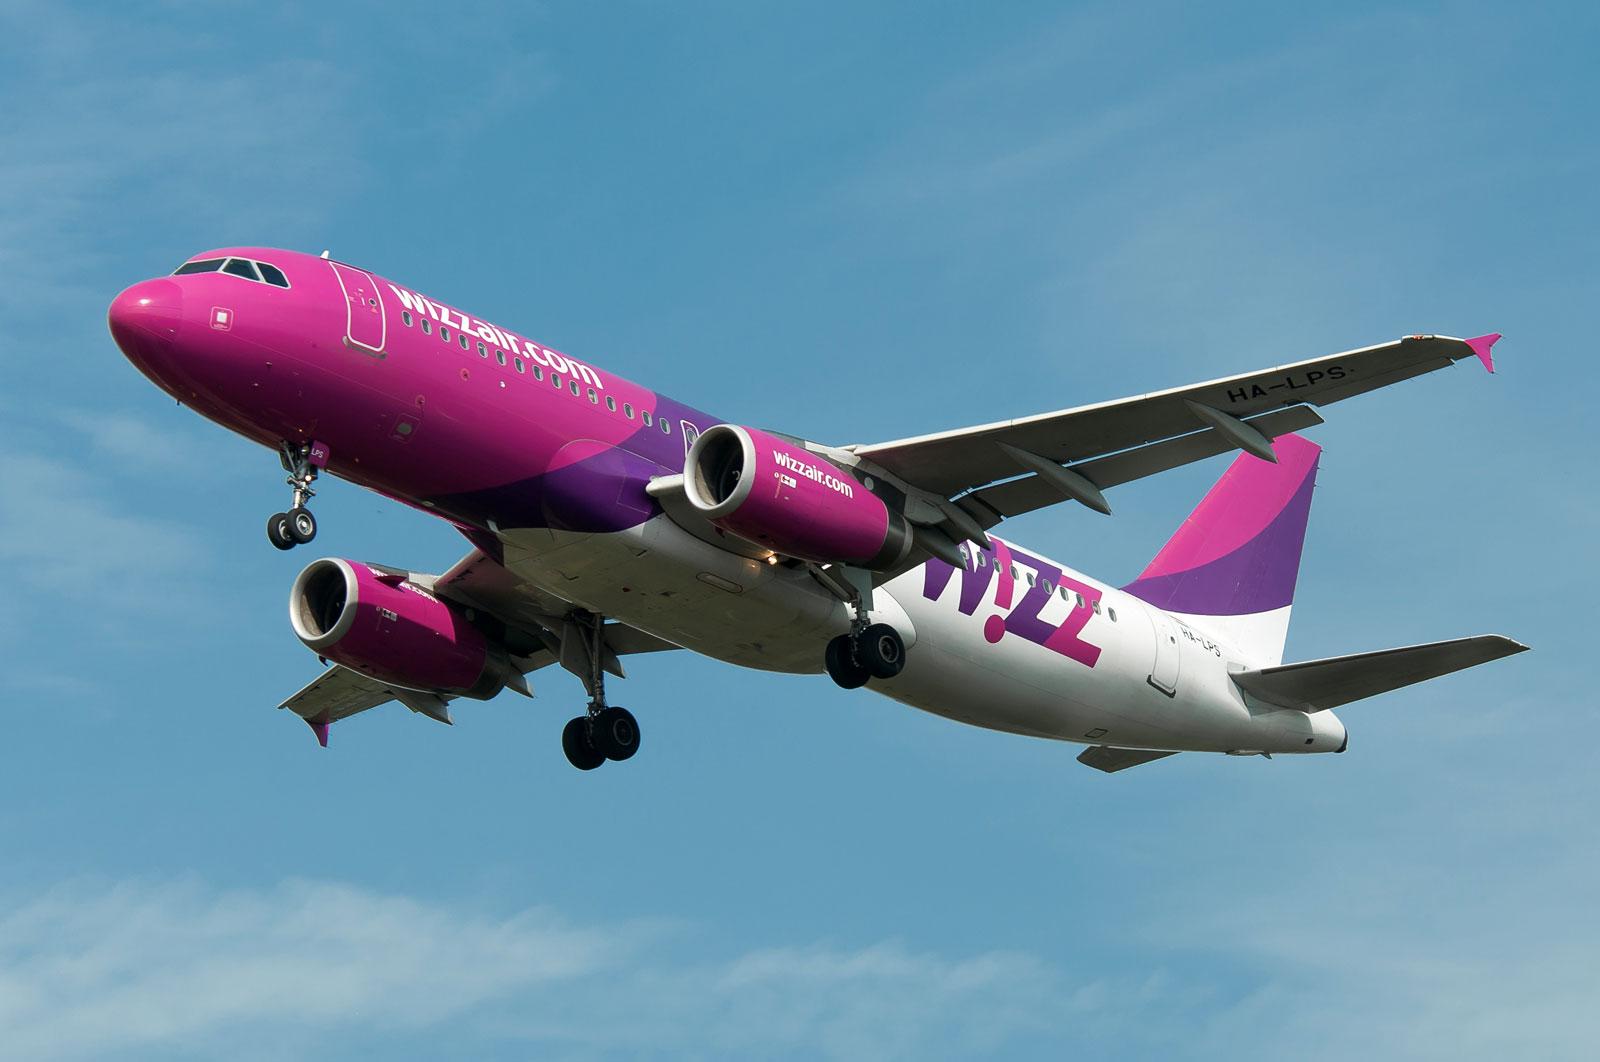 Bagaż podręczny Wizz Air 2018 - wymiary i waga